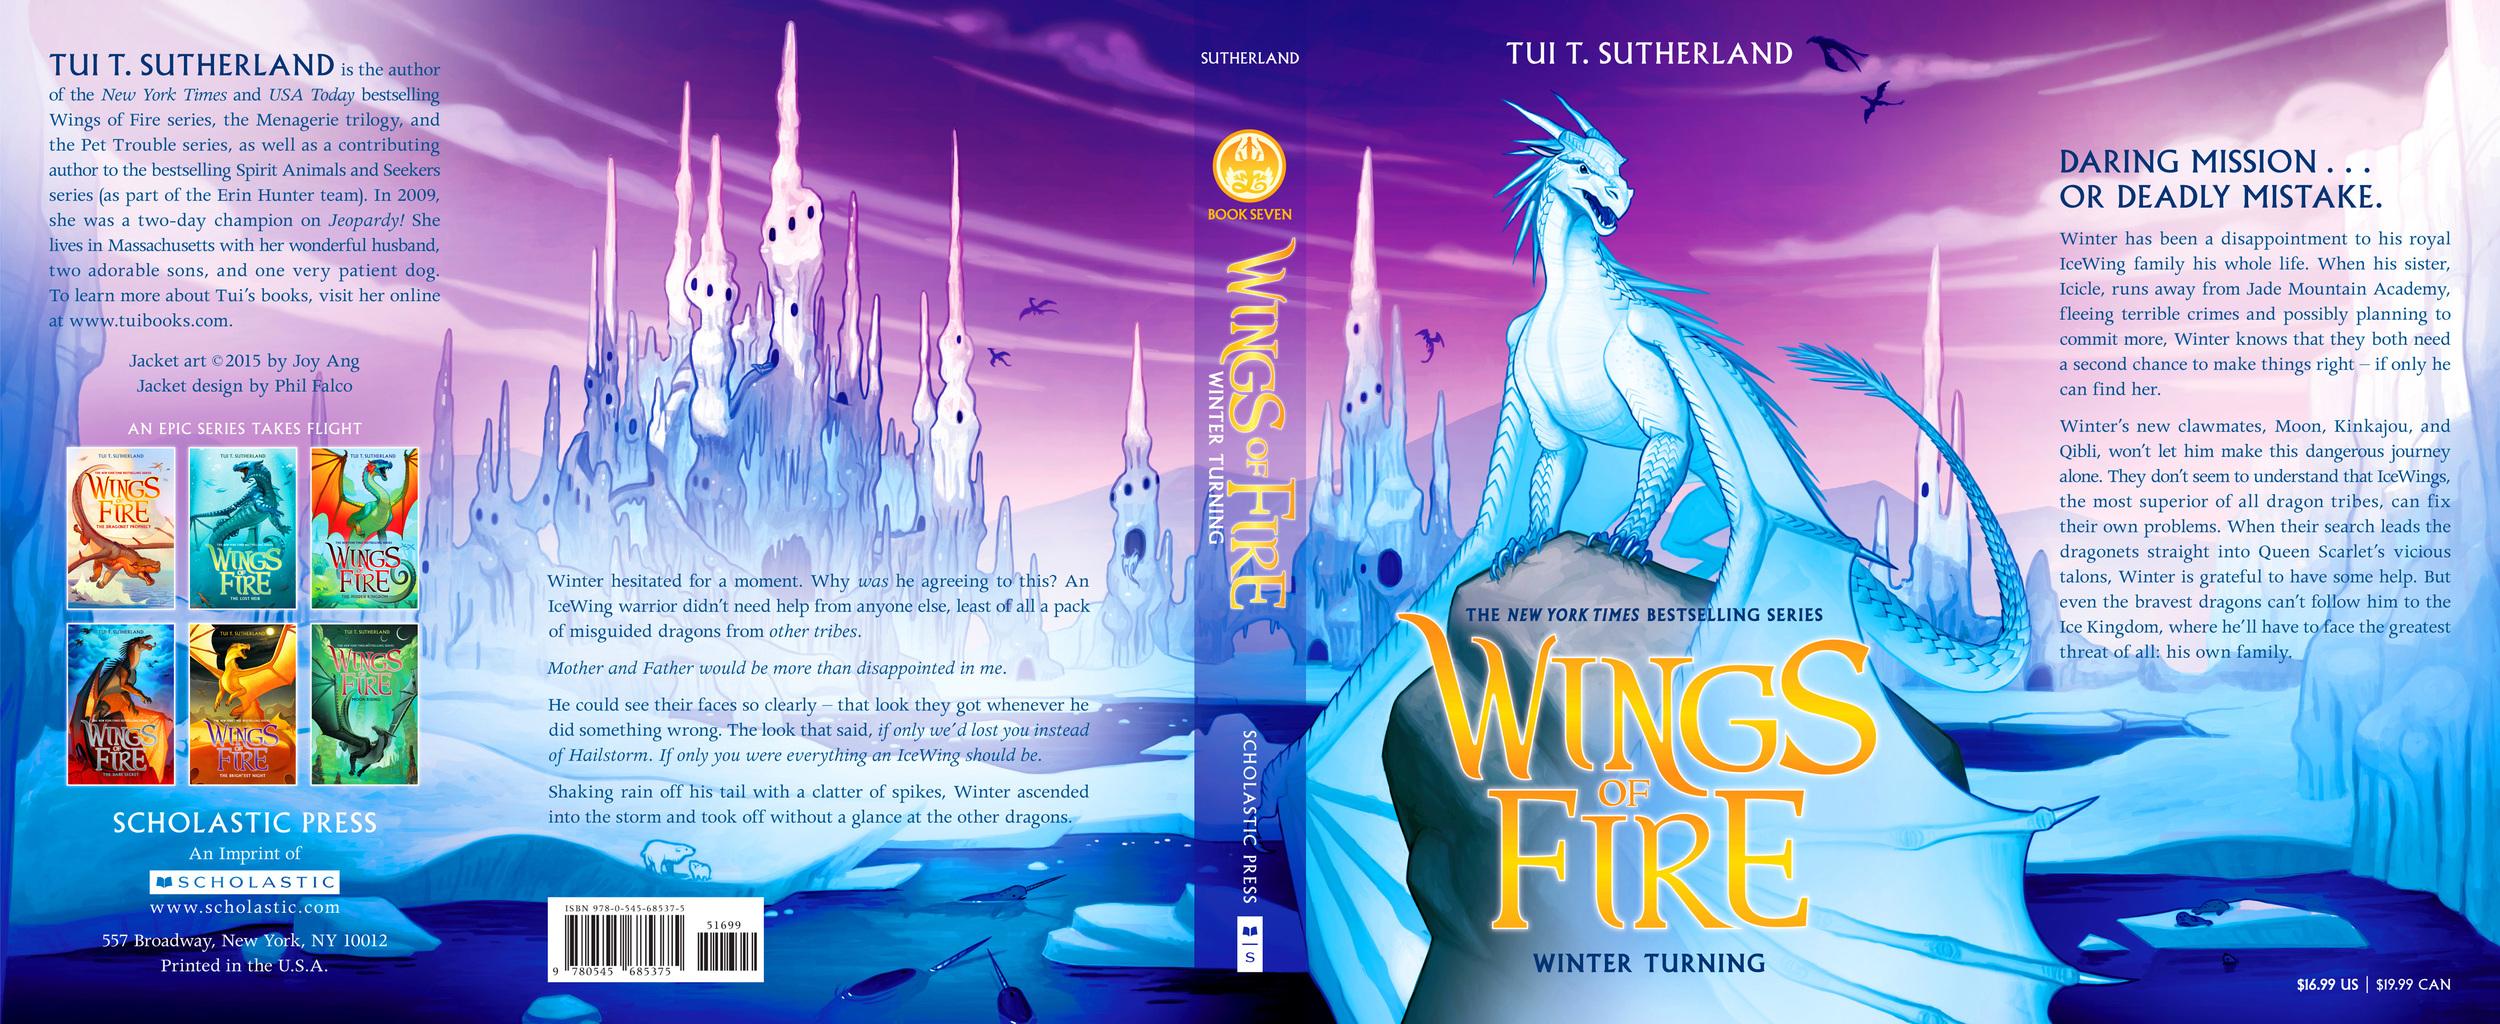 HC Wings of Fire 07 - JACKET.jpg